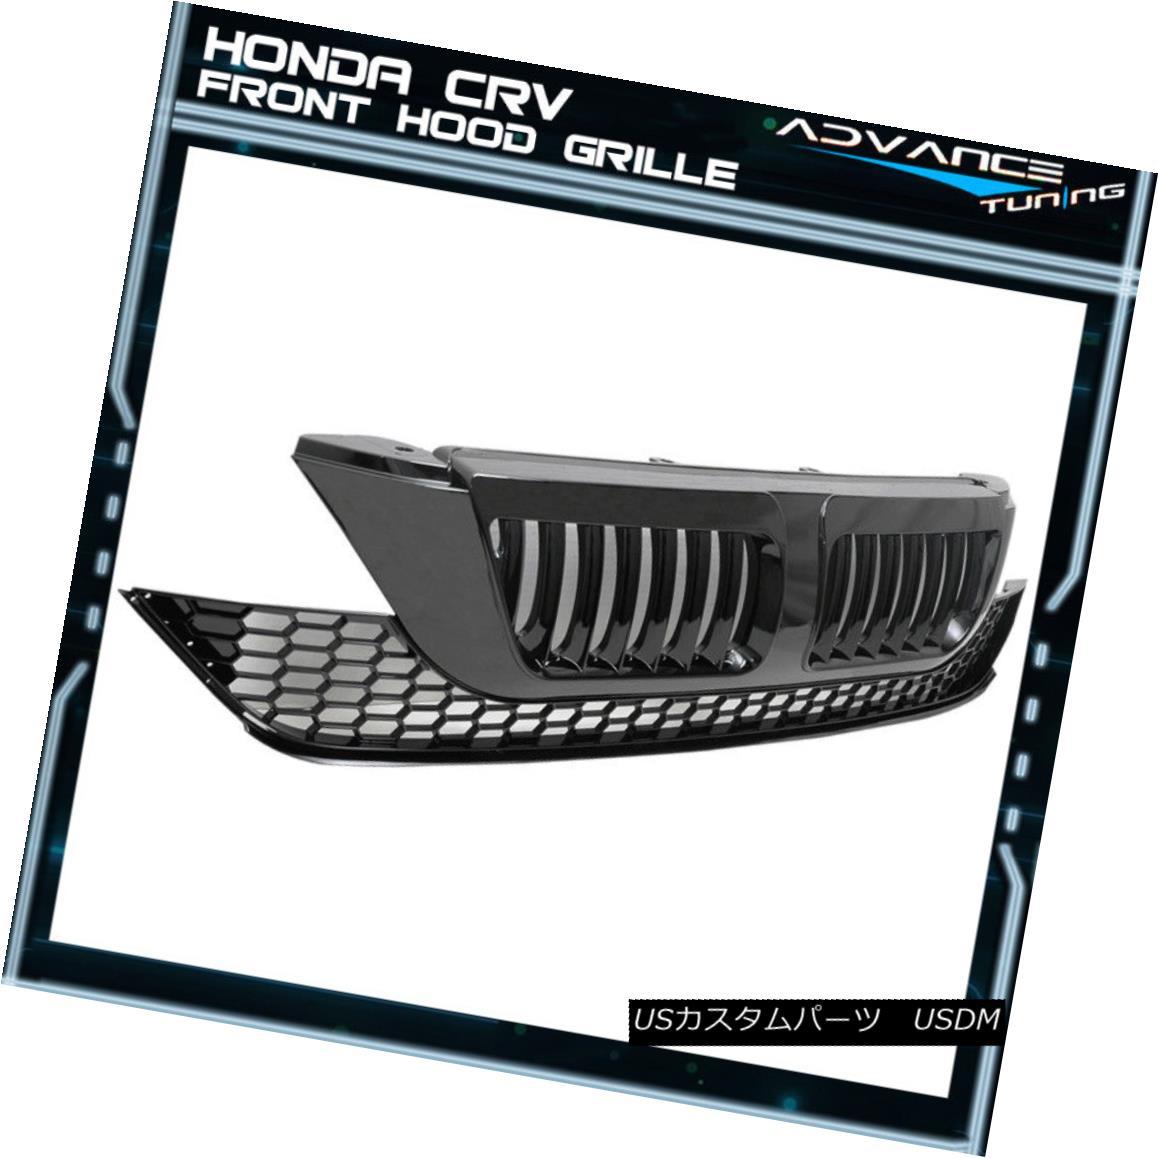 グリル Fit Grille For 07 08 09 1Pc Honda CRV Upper CR-V Upper Grill Grille Black 1Pc New 07 08 09ホンダCRV Vアッパーグリルグリルブラック1個新品, 棟梁の手作り家具学習机の棟梁屋:e7f60023 --- vidaperpetua.com.br